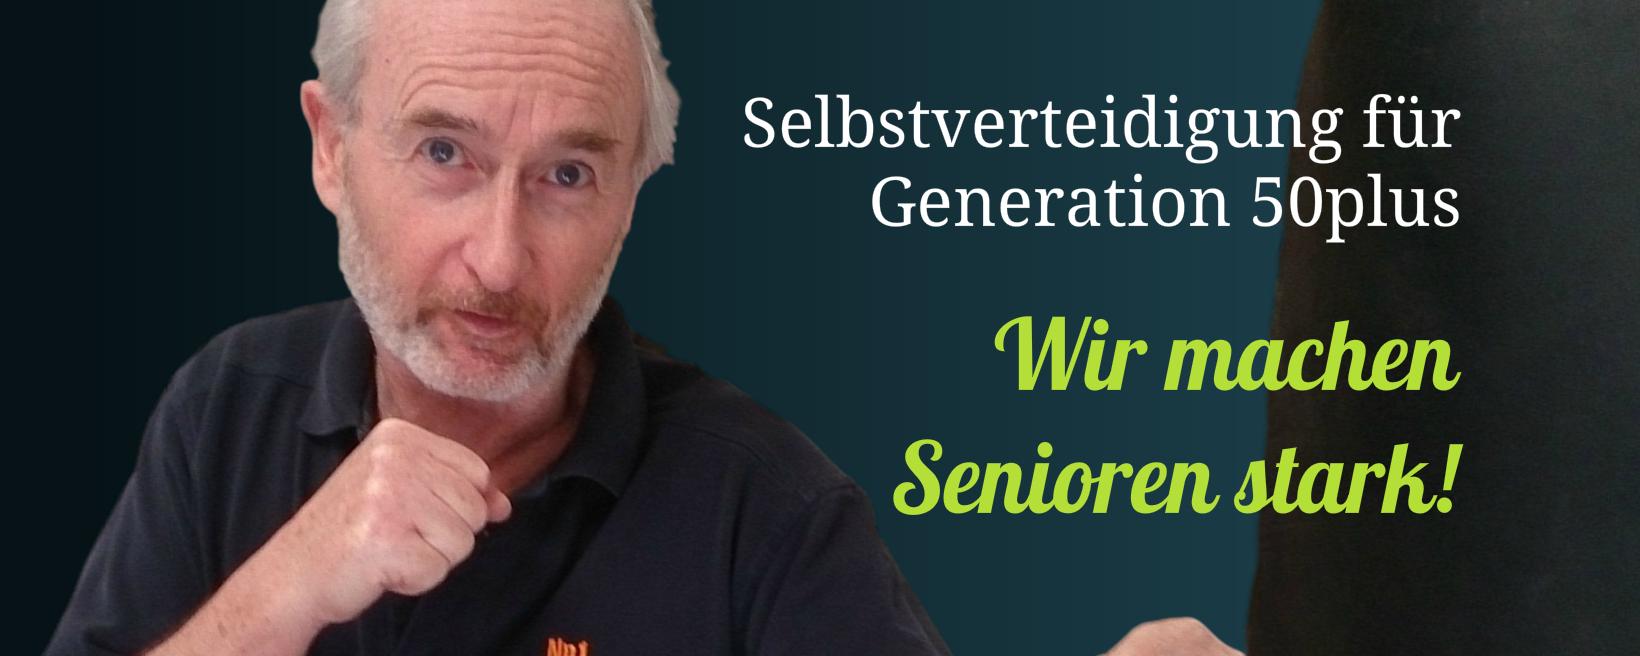 Wir machen Senioren stark!